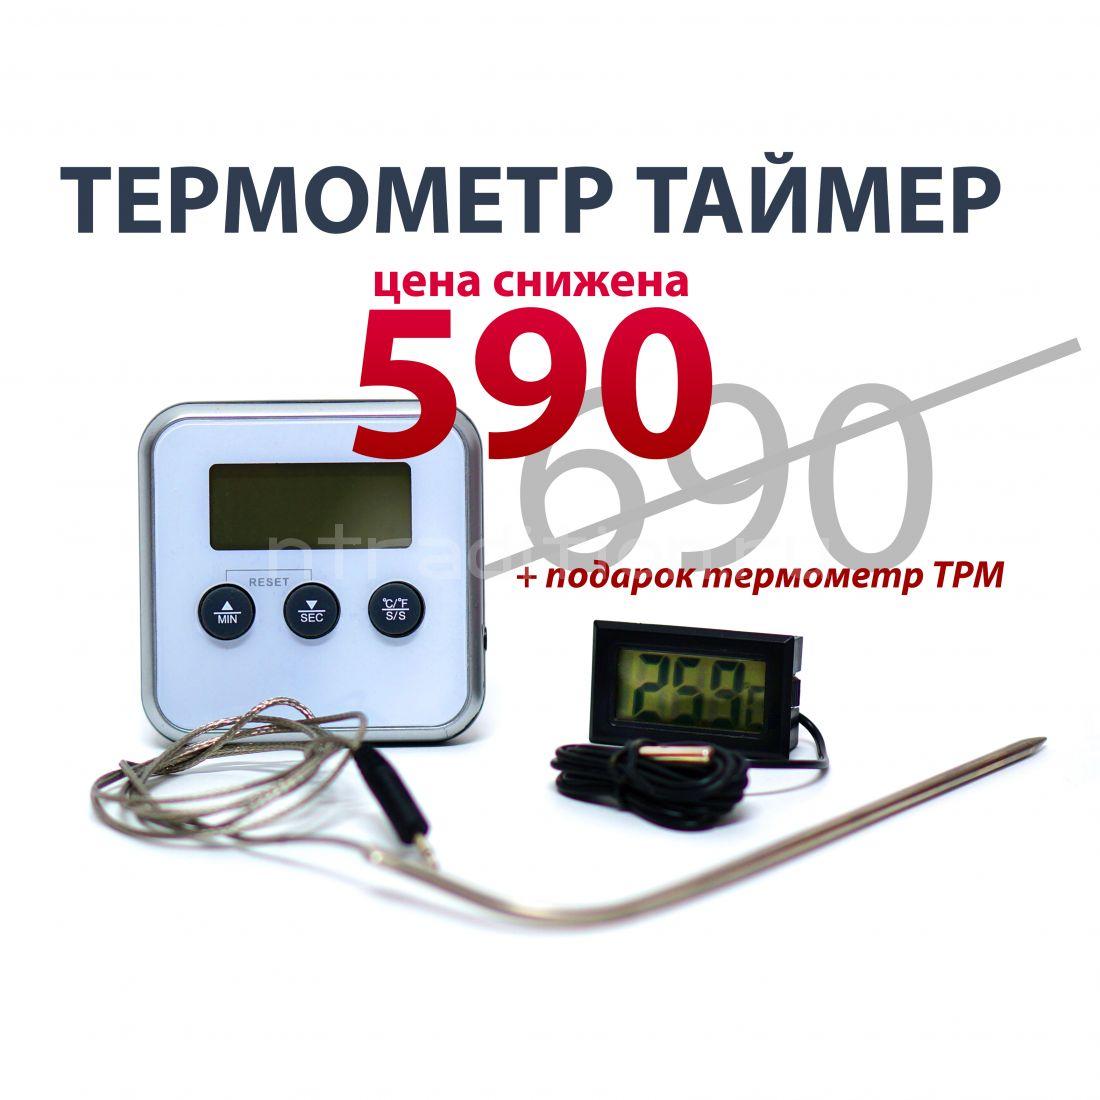 Цена снижена! До 30.12+подарок! Электронный термометр TIMER